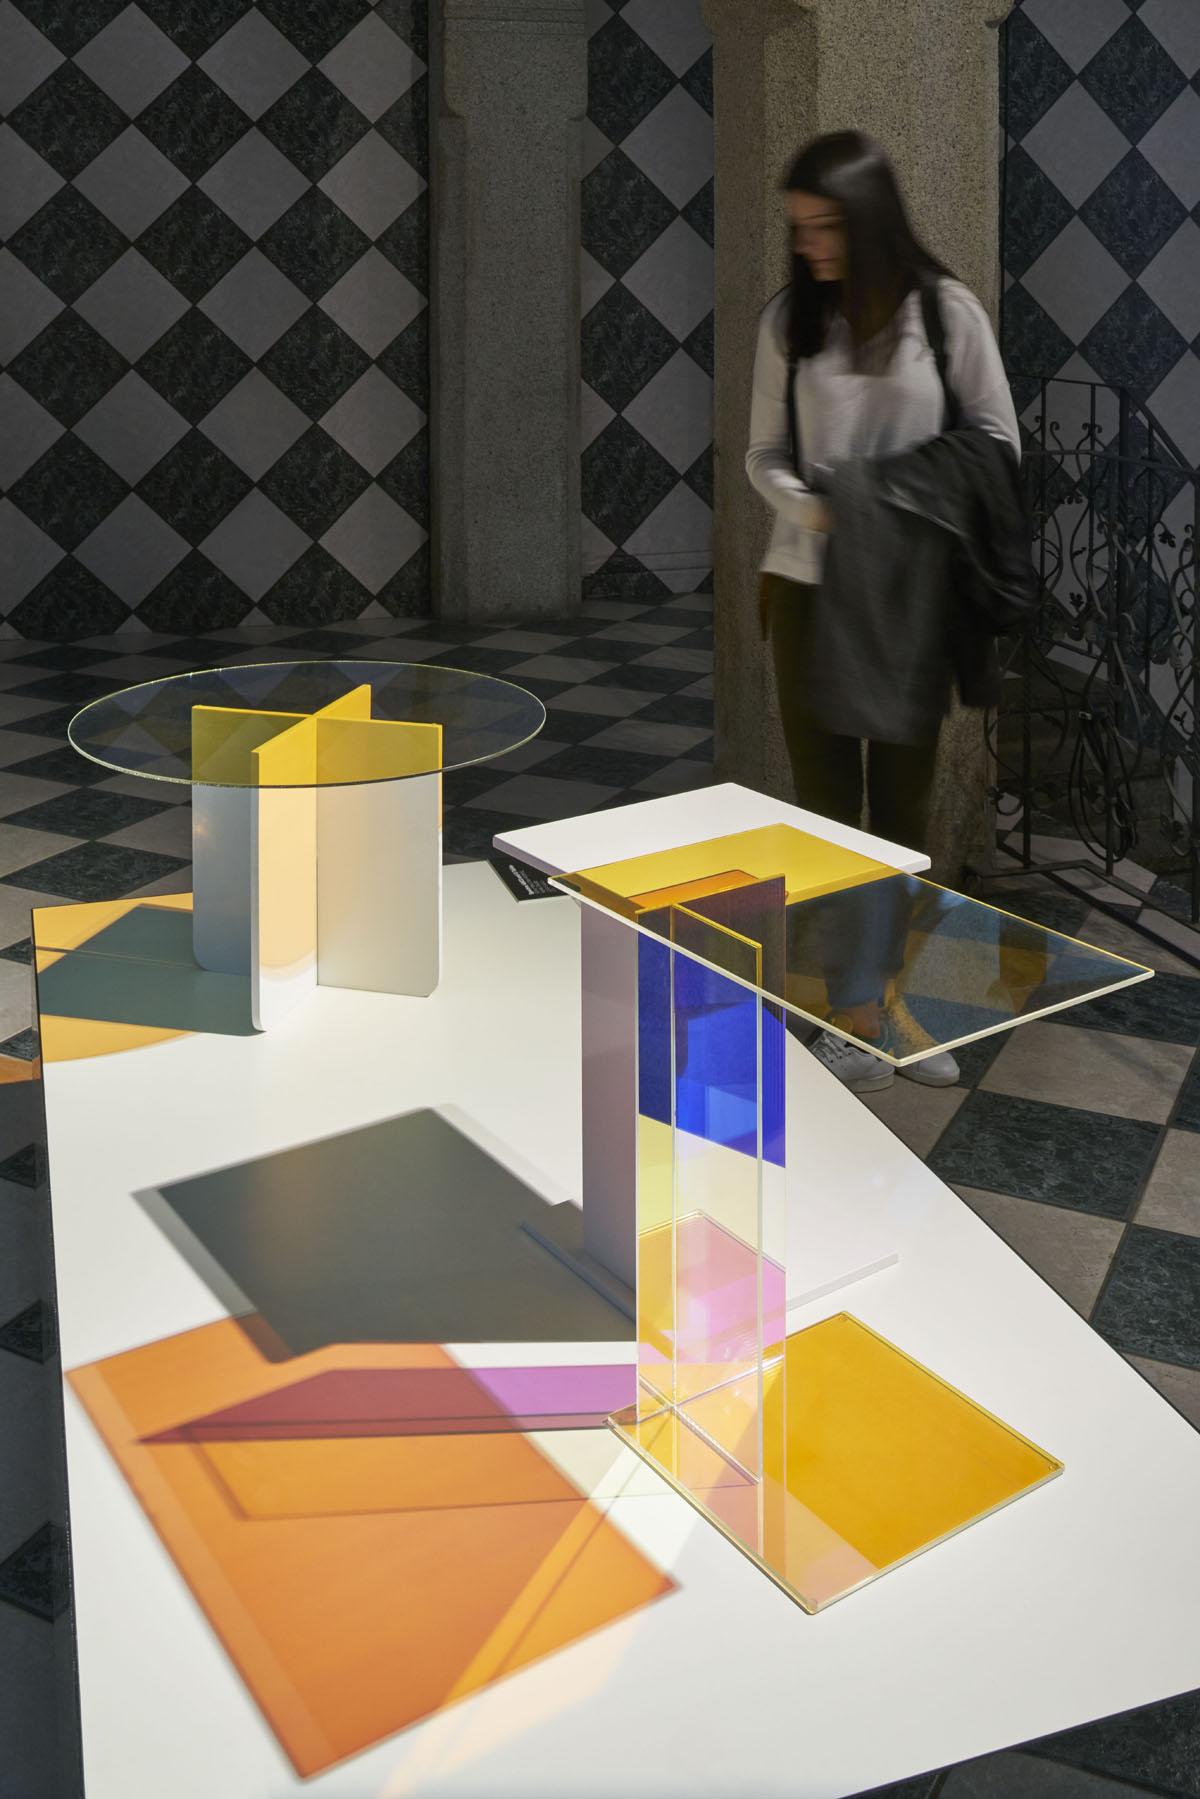 השולחנות של Kukka מתוך התערוכה של מגזין Frame. צילום: Alberto Ferrero